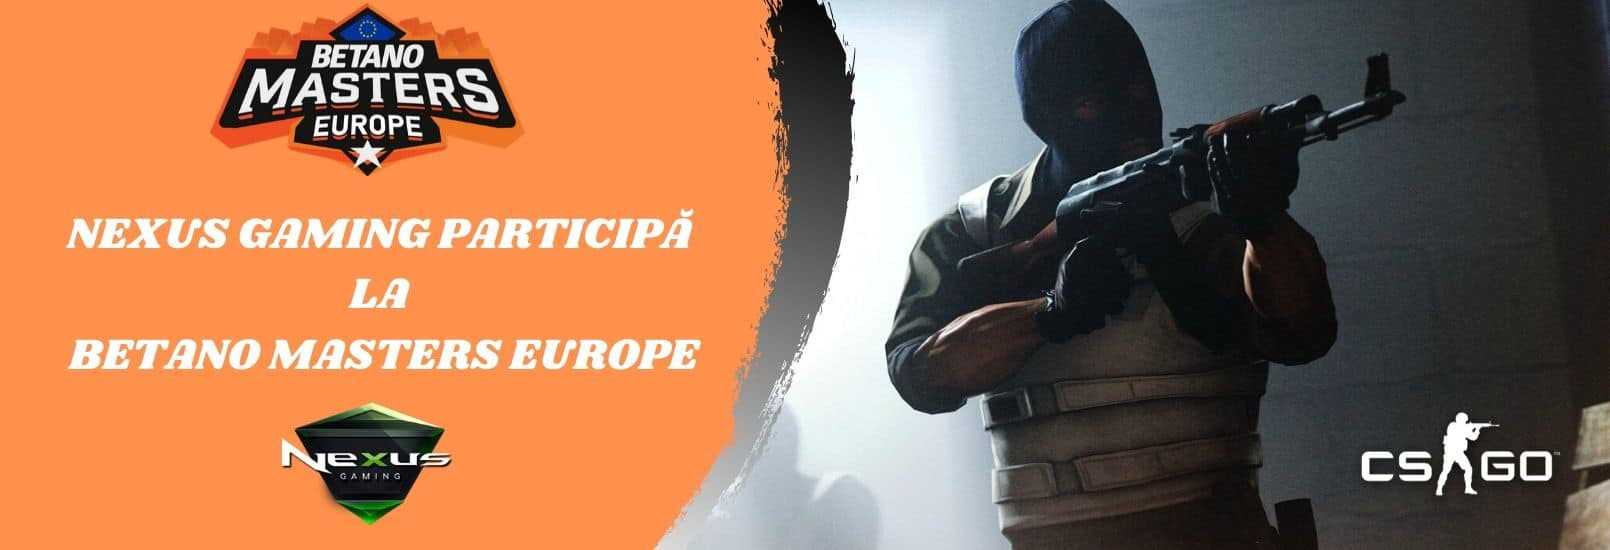 banner despre jocurile nexus gaming la betano